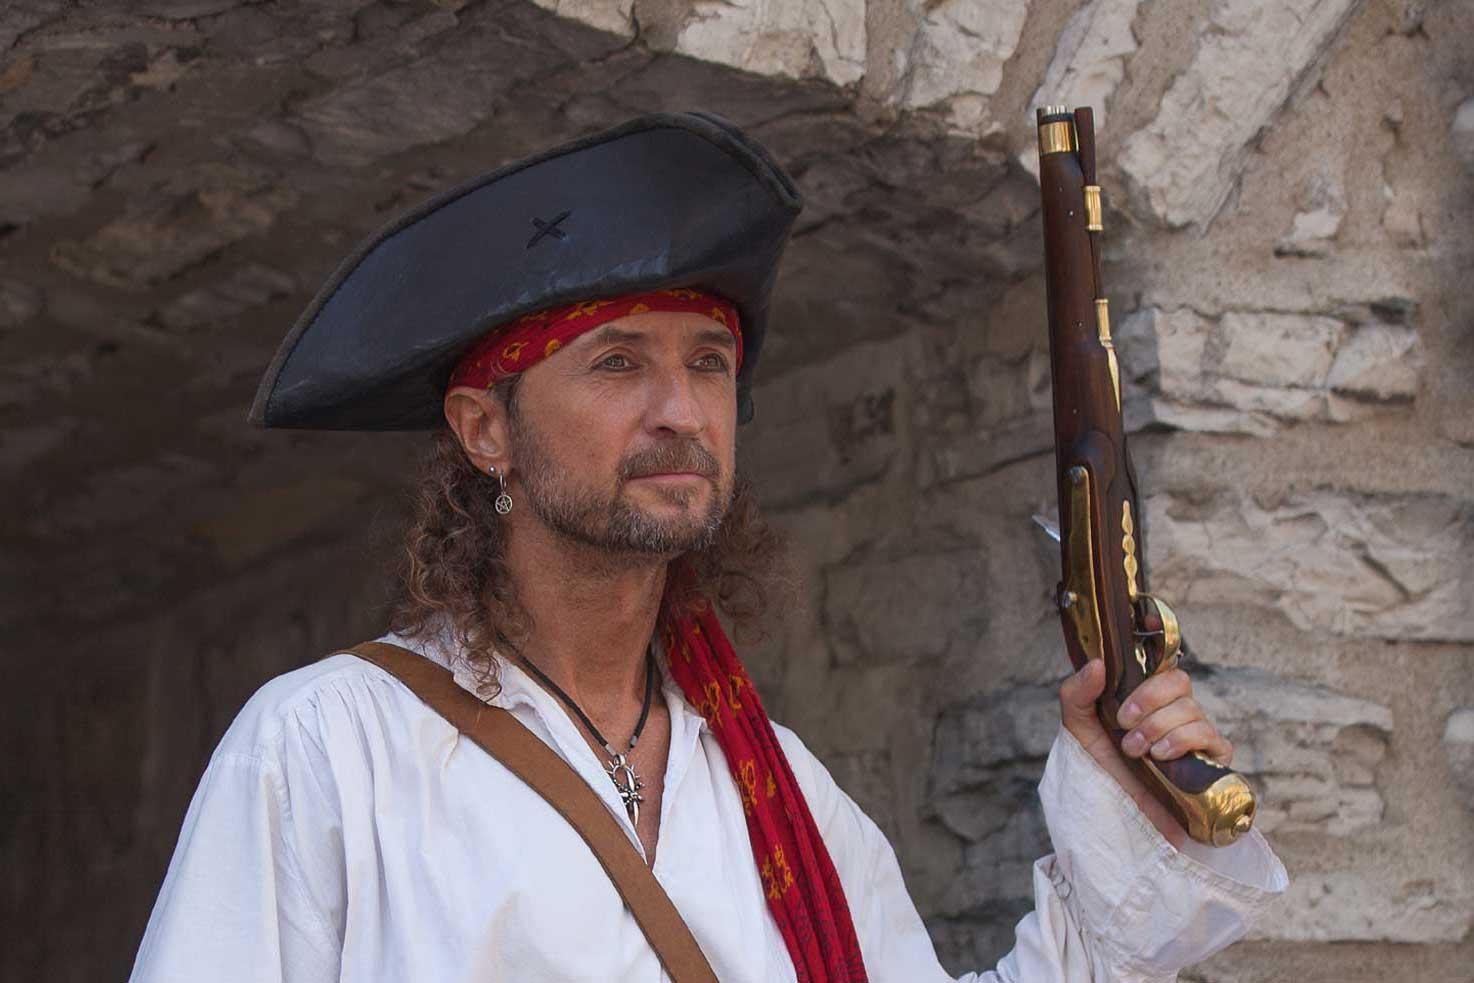 Pirate Capitaine Loran avec son pistolet à poudre